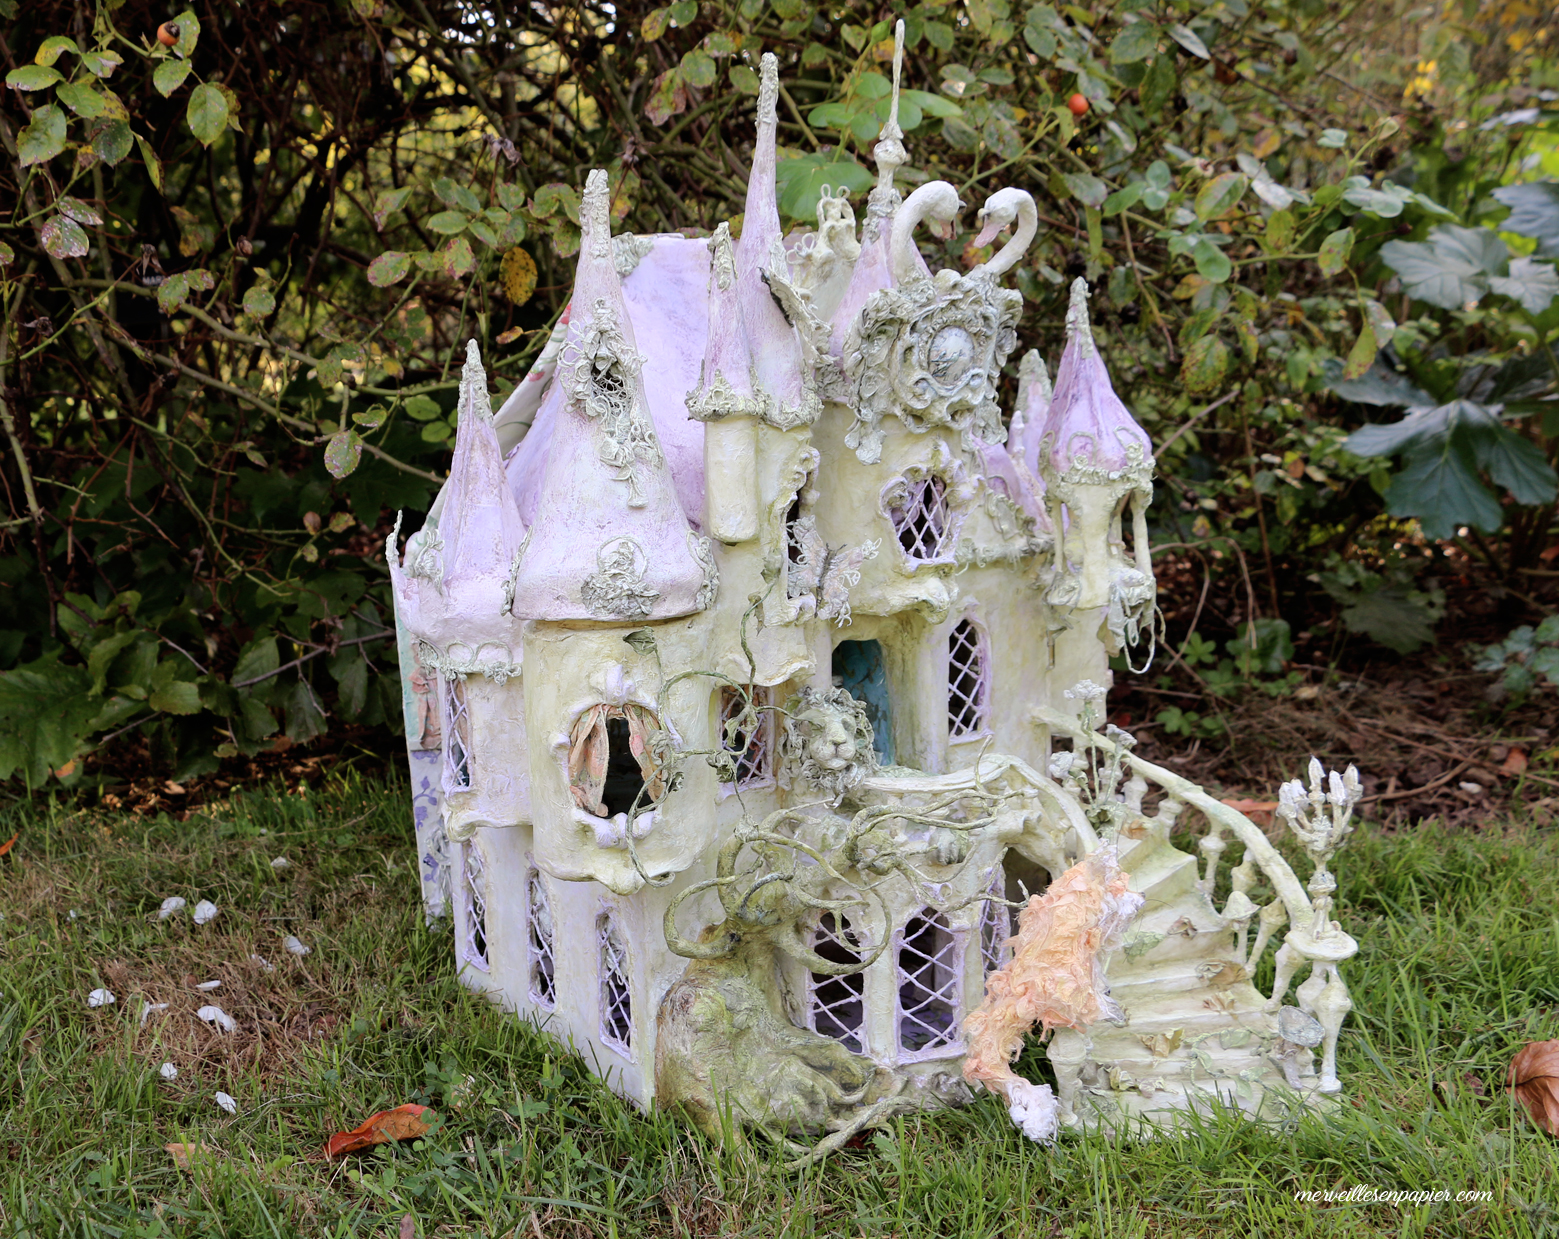 miss-havisham's-dollhouse-9.jpg